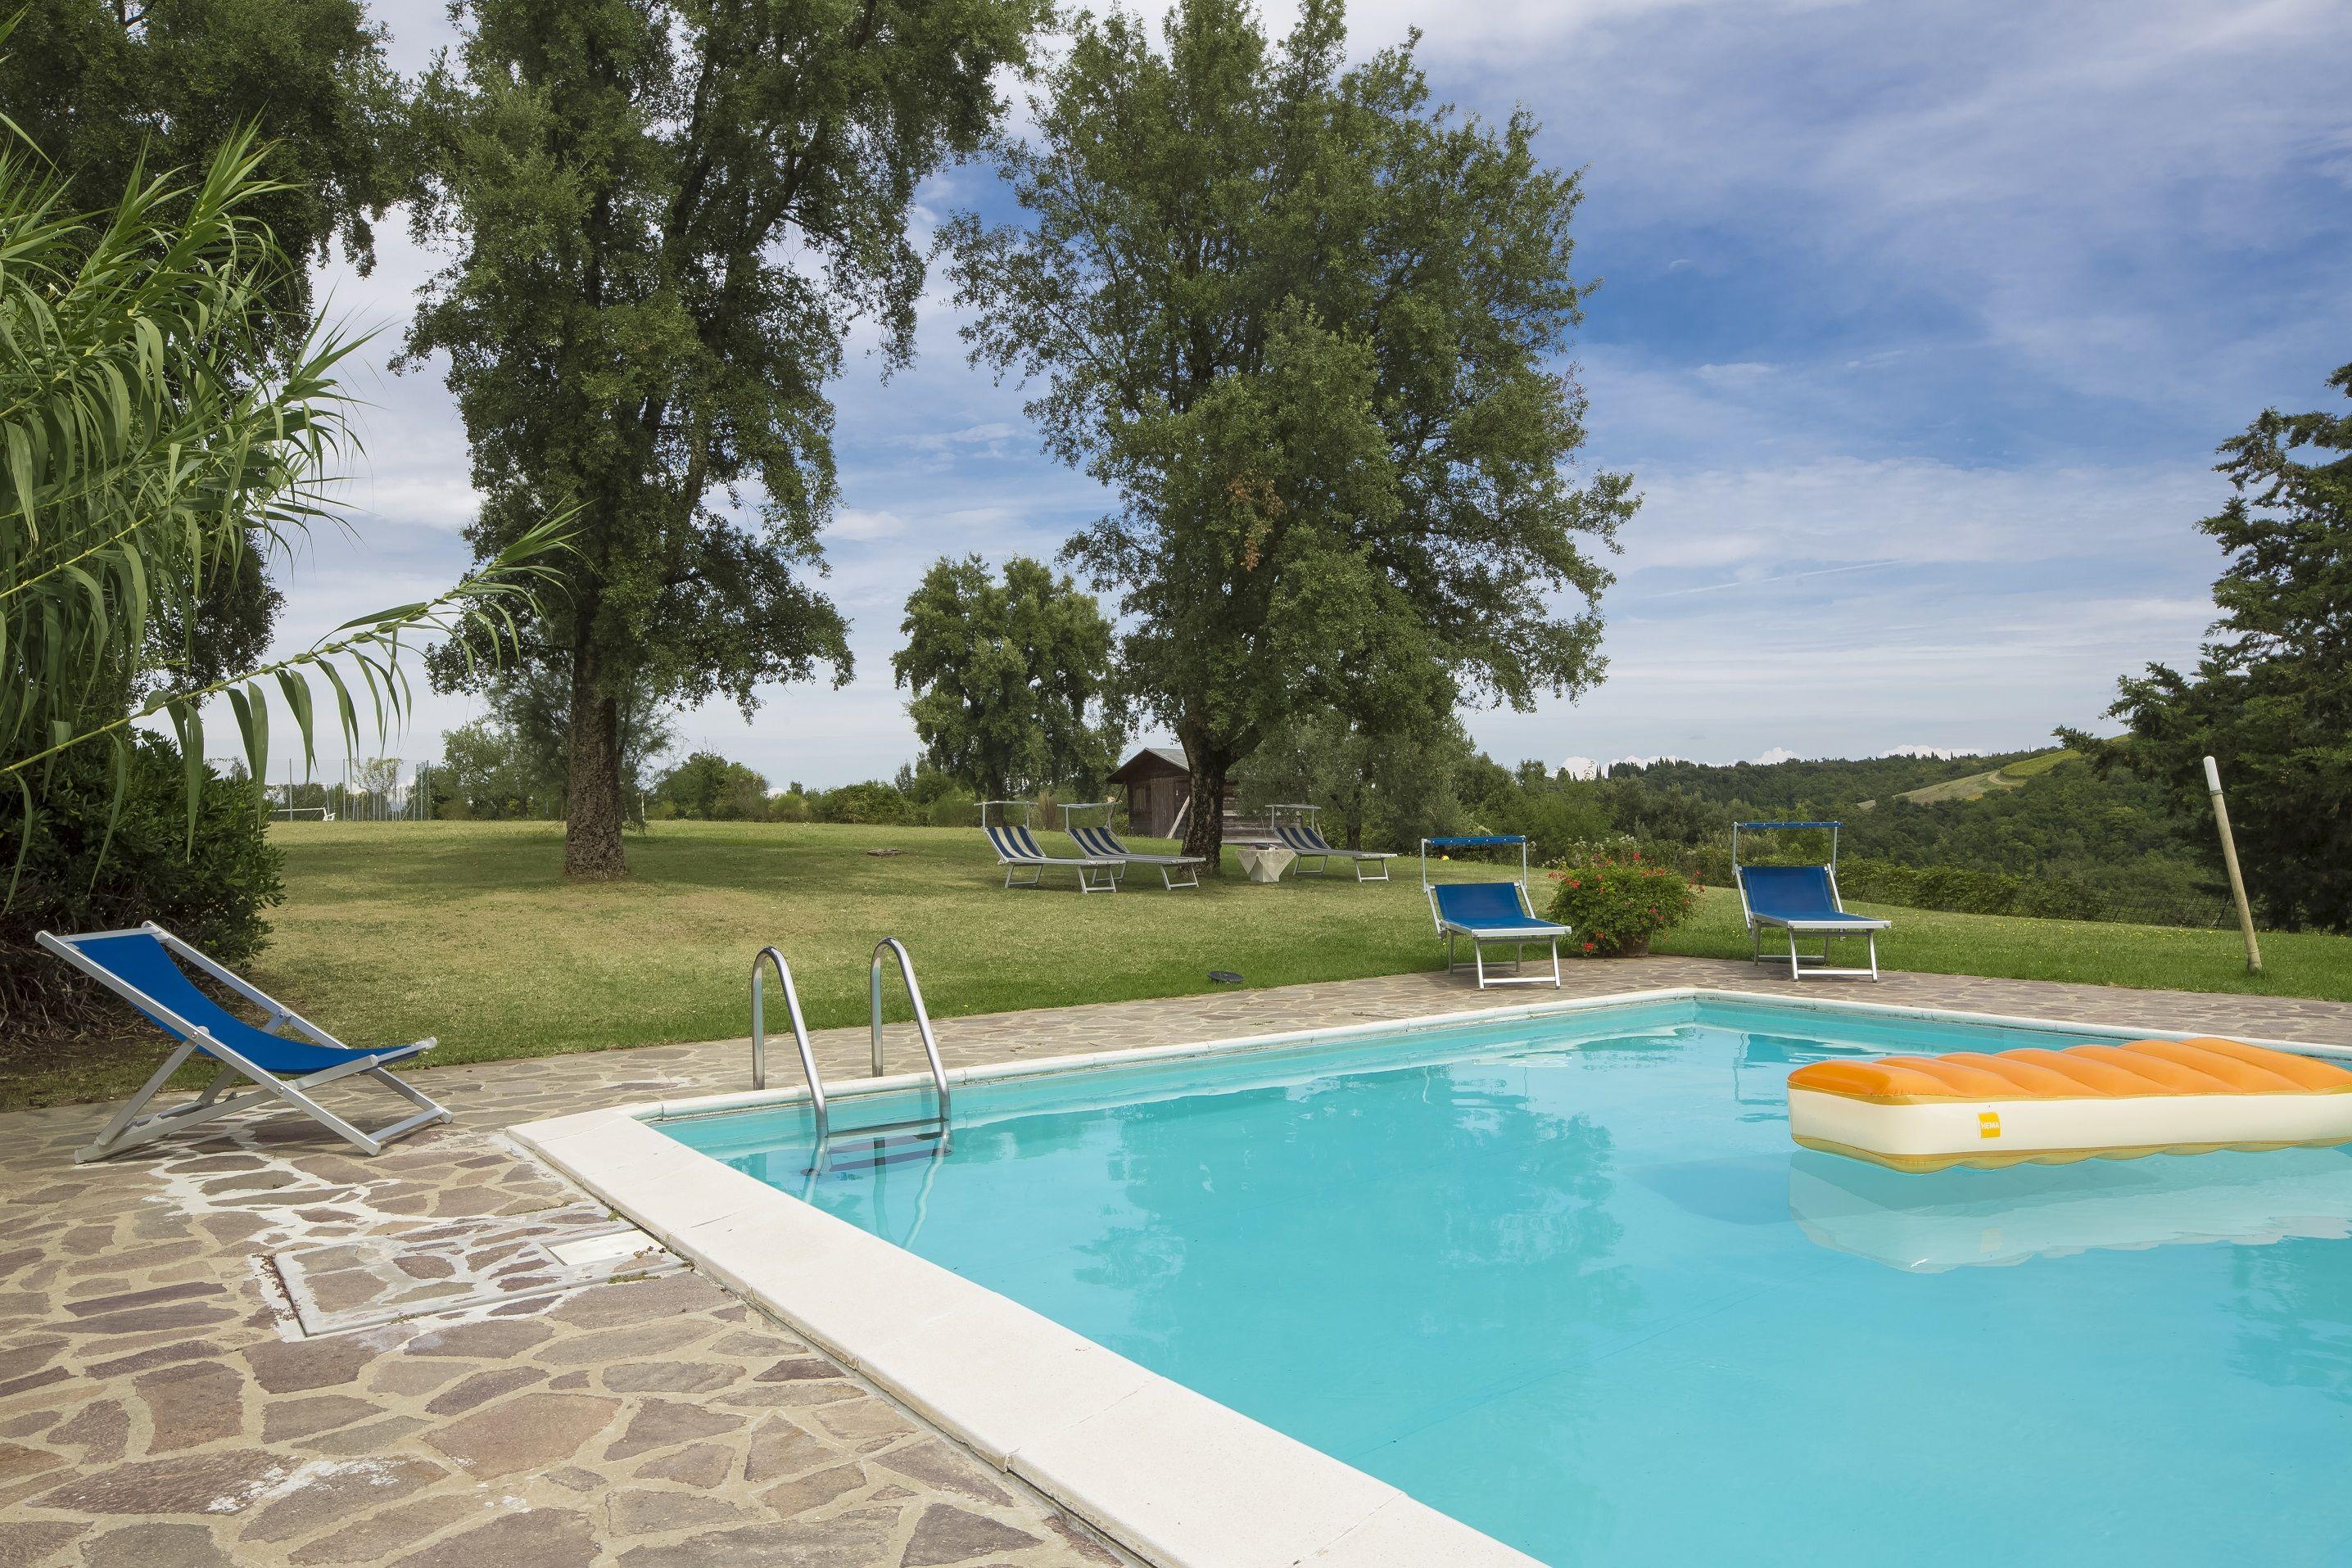 Apartment Bosco Lazzeroni Residence - Nabucco Holiday Home photo 18806728